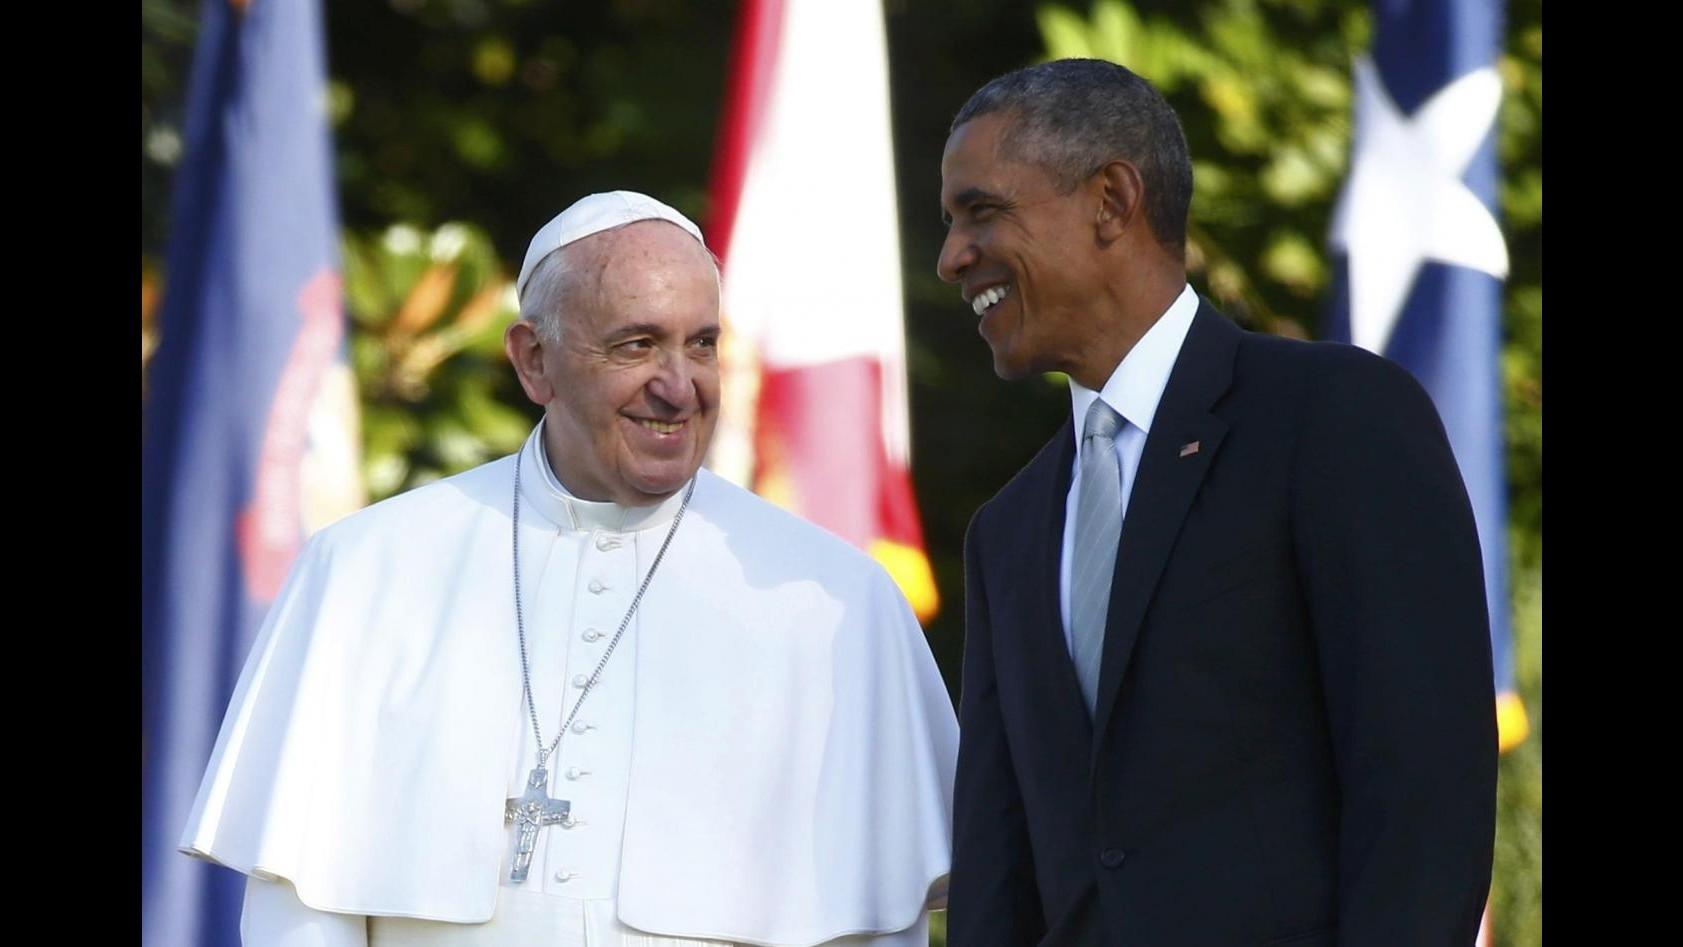 Usa, il Papa atterra a New York: la folla lo attende alla cattedrale